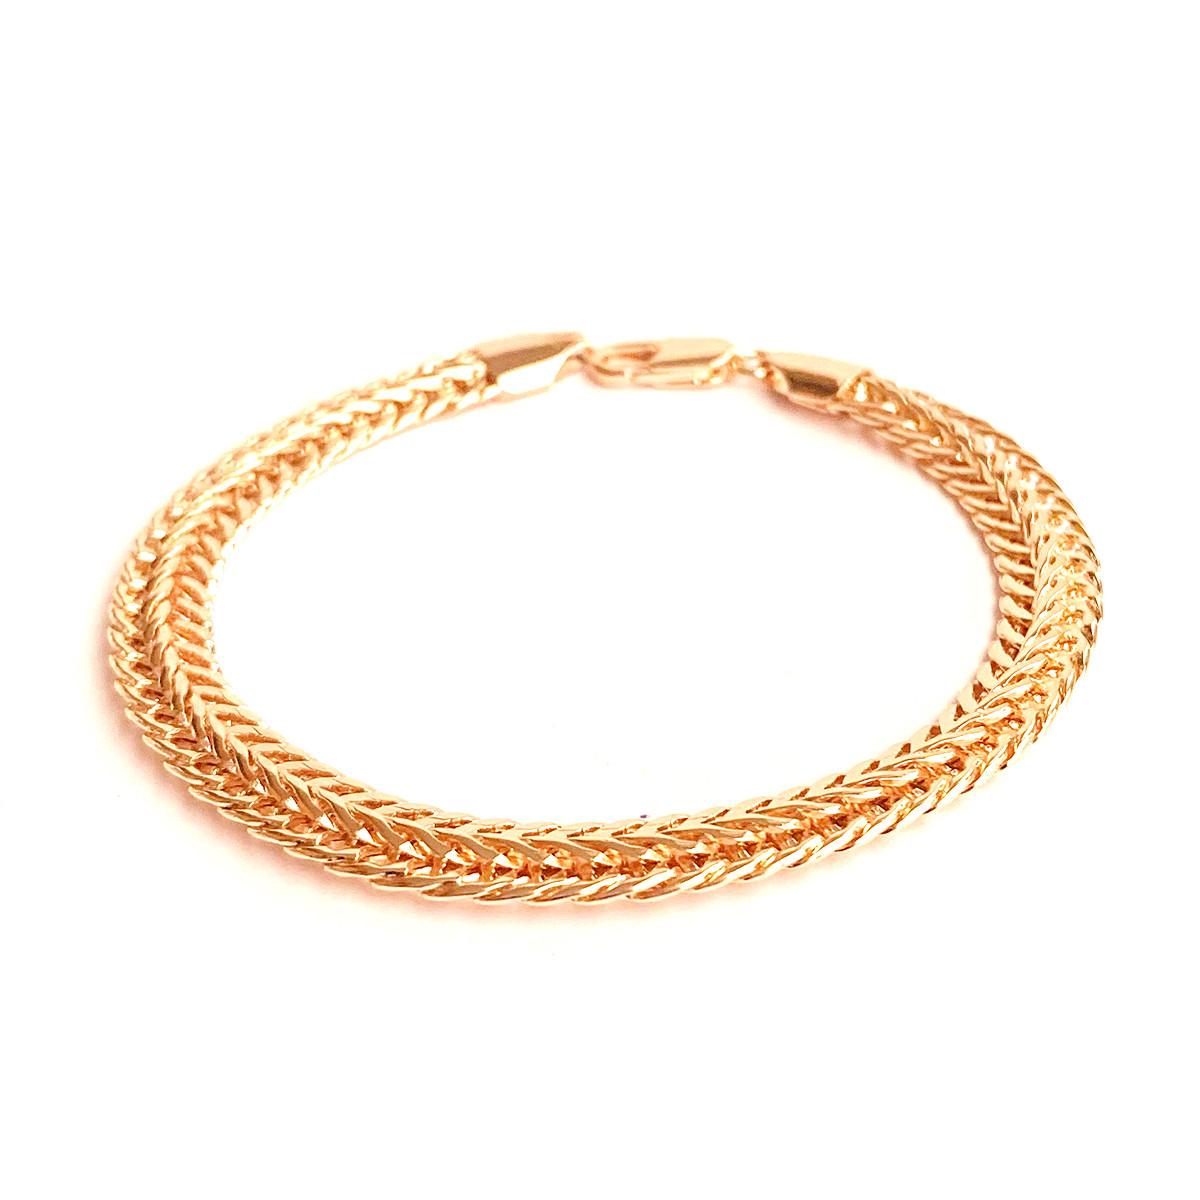 """Браслет """"Двойной колос"""" SONATA из медицинского золота, позолота РО, 52063             (21 см)"""